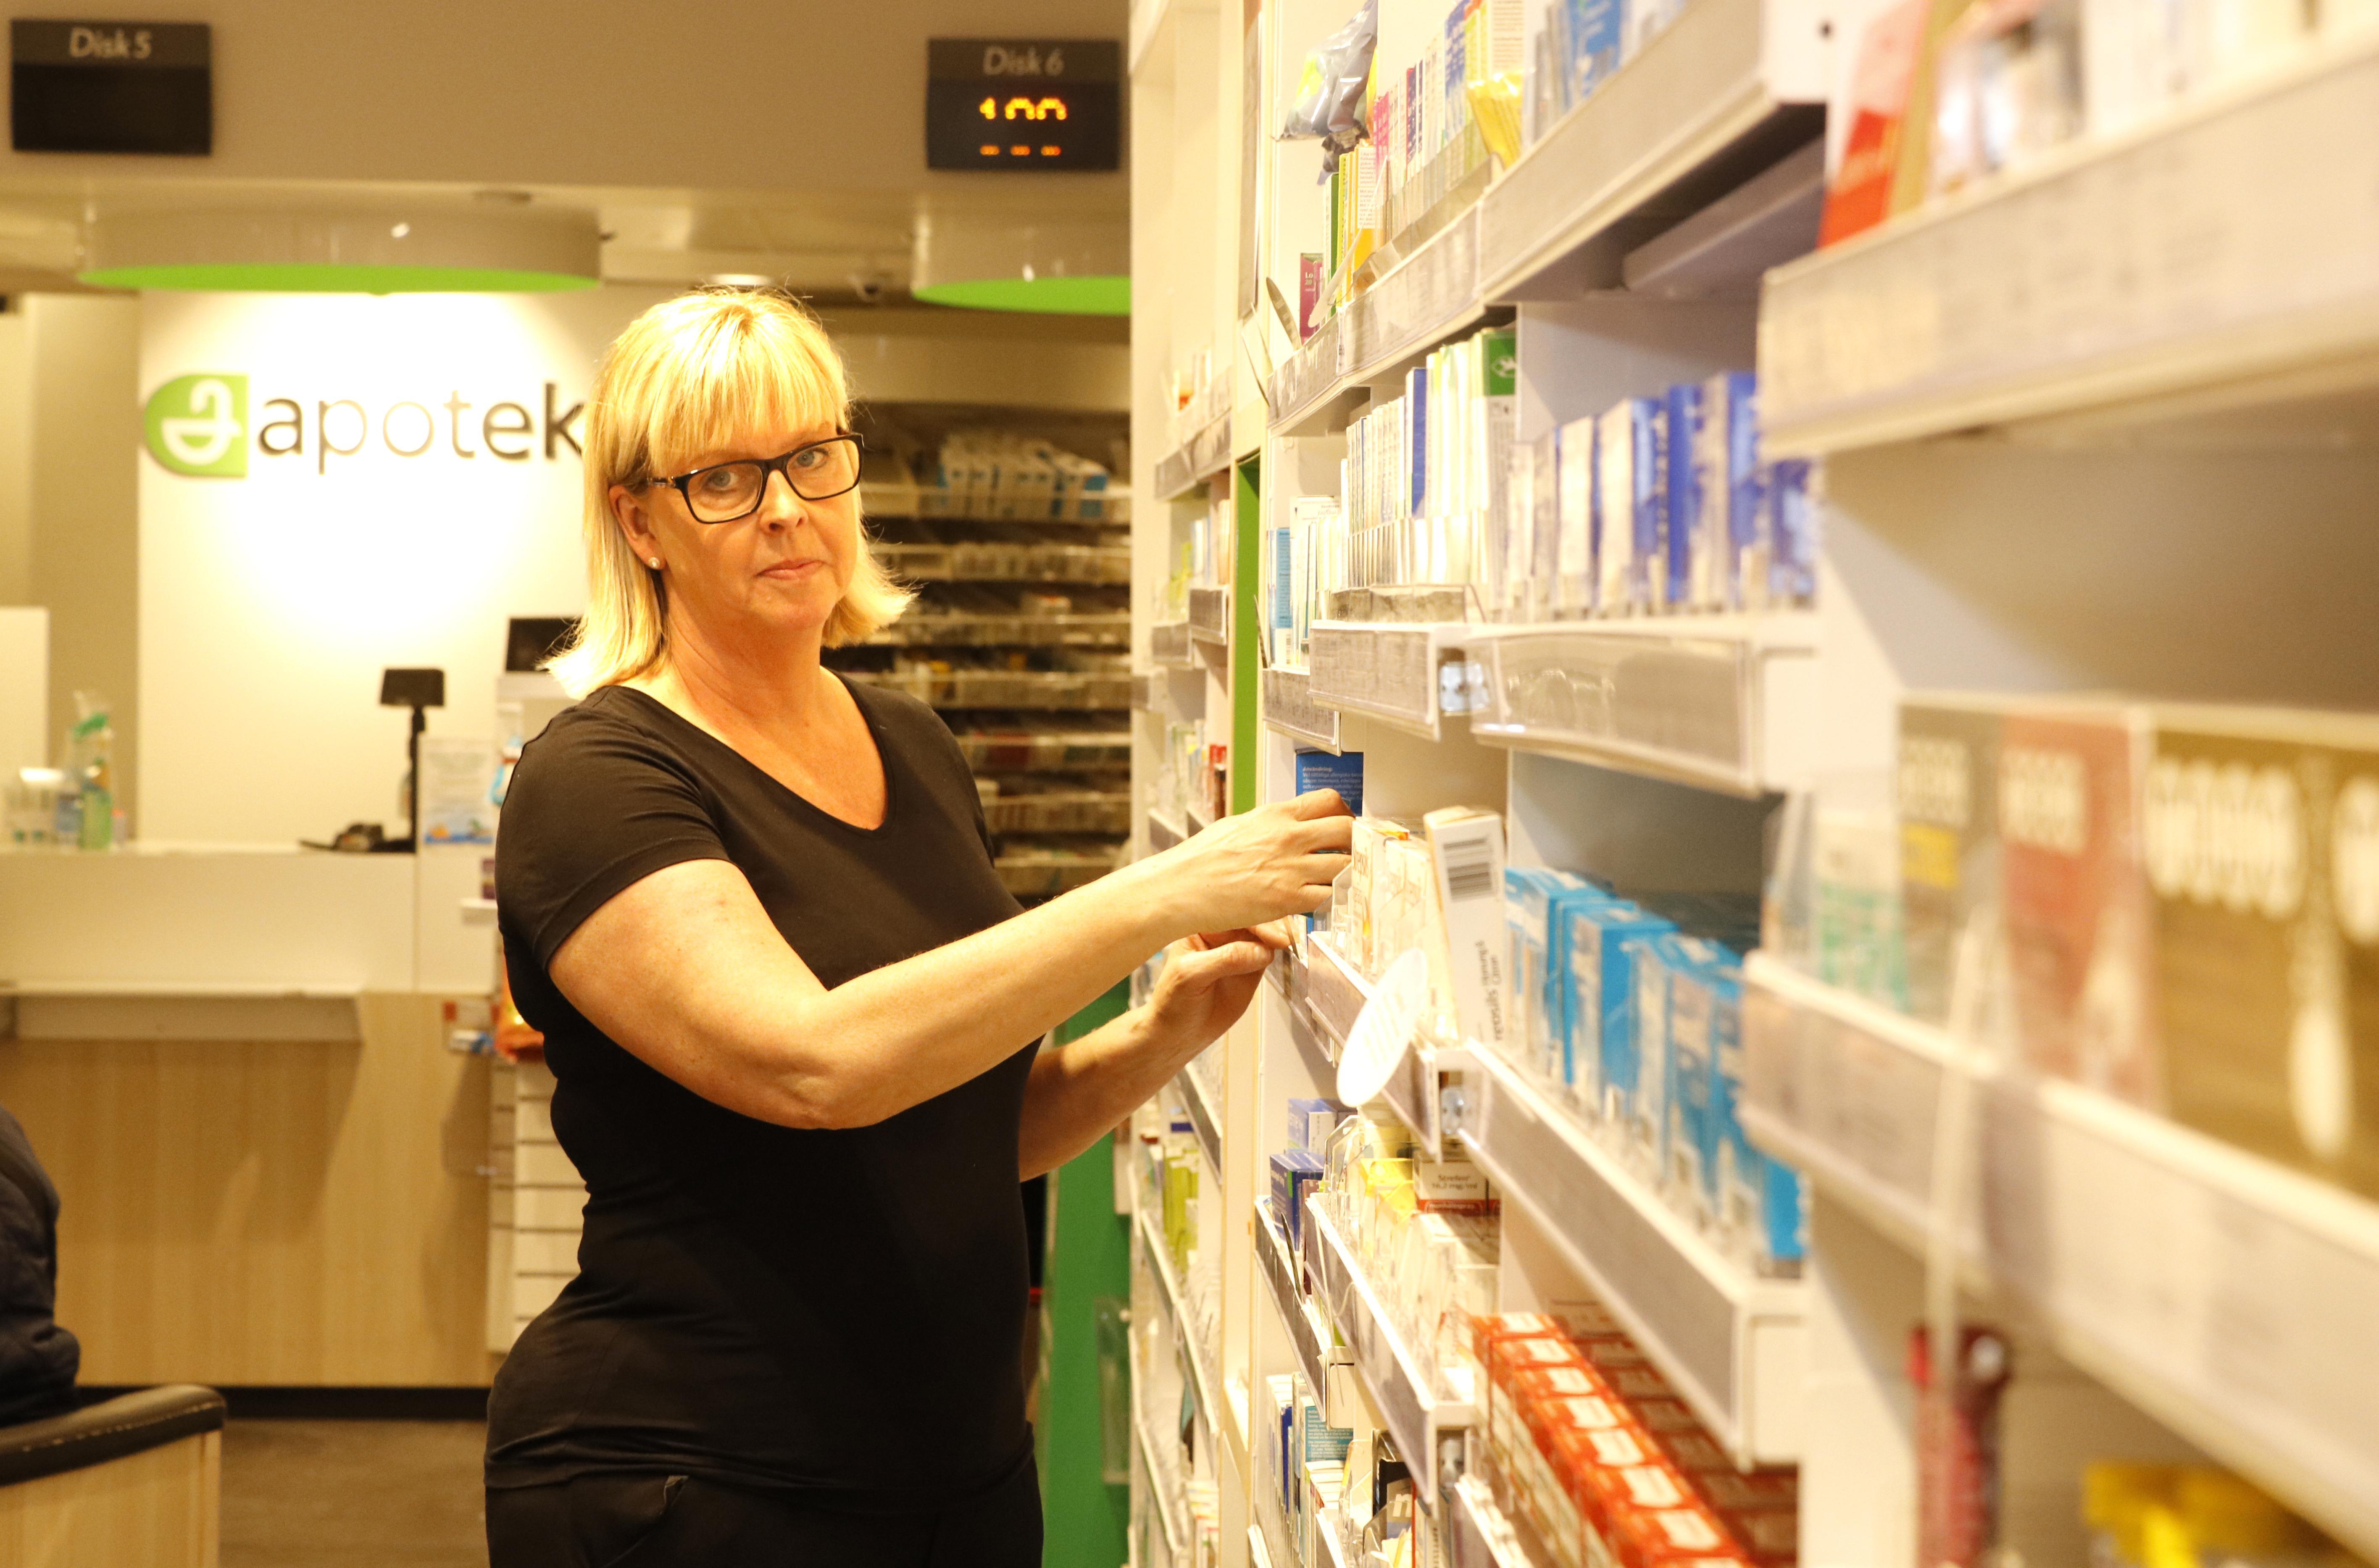 Tina Sandell har varit allergisk mot pollen i 20 år. Men tack vare att ha provat många olika mediciner, och kombinationer av mediciner, har hon hittat en kur som hjälper.